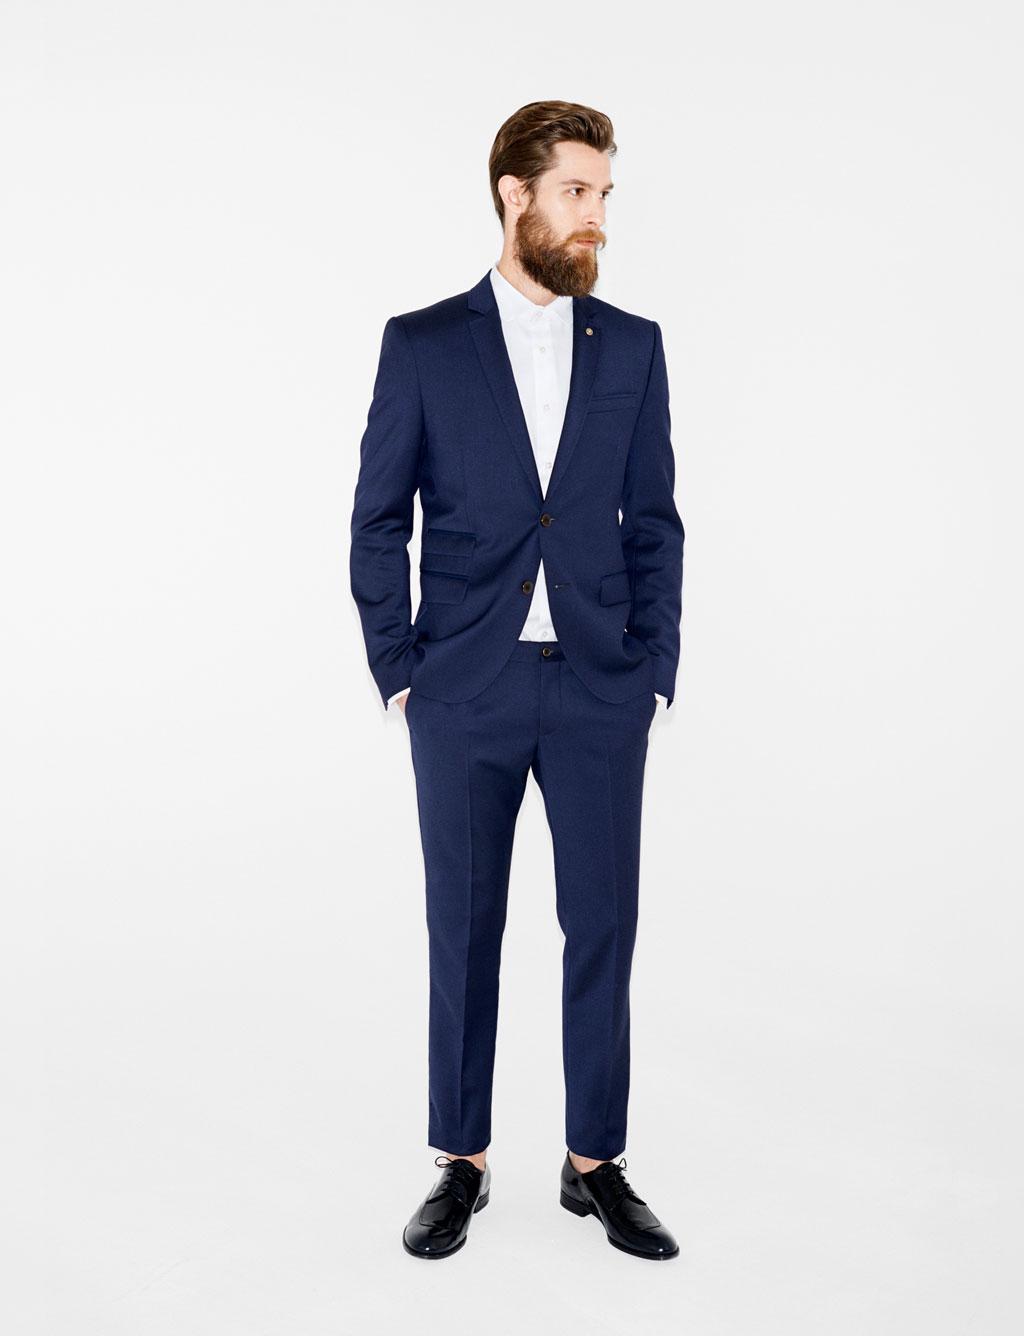 Mettez en valeur votre l gance en choisissant un blazer homme bleu marine - Blazer homme bleu marine ...